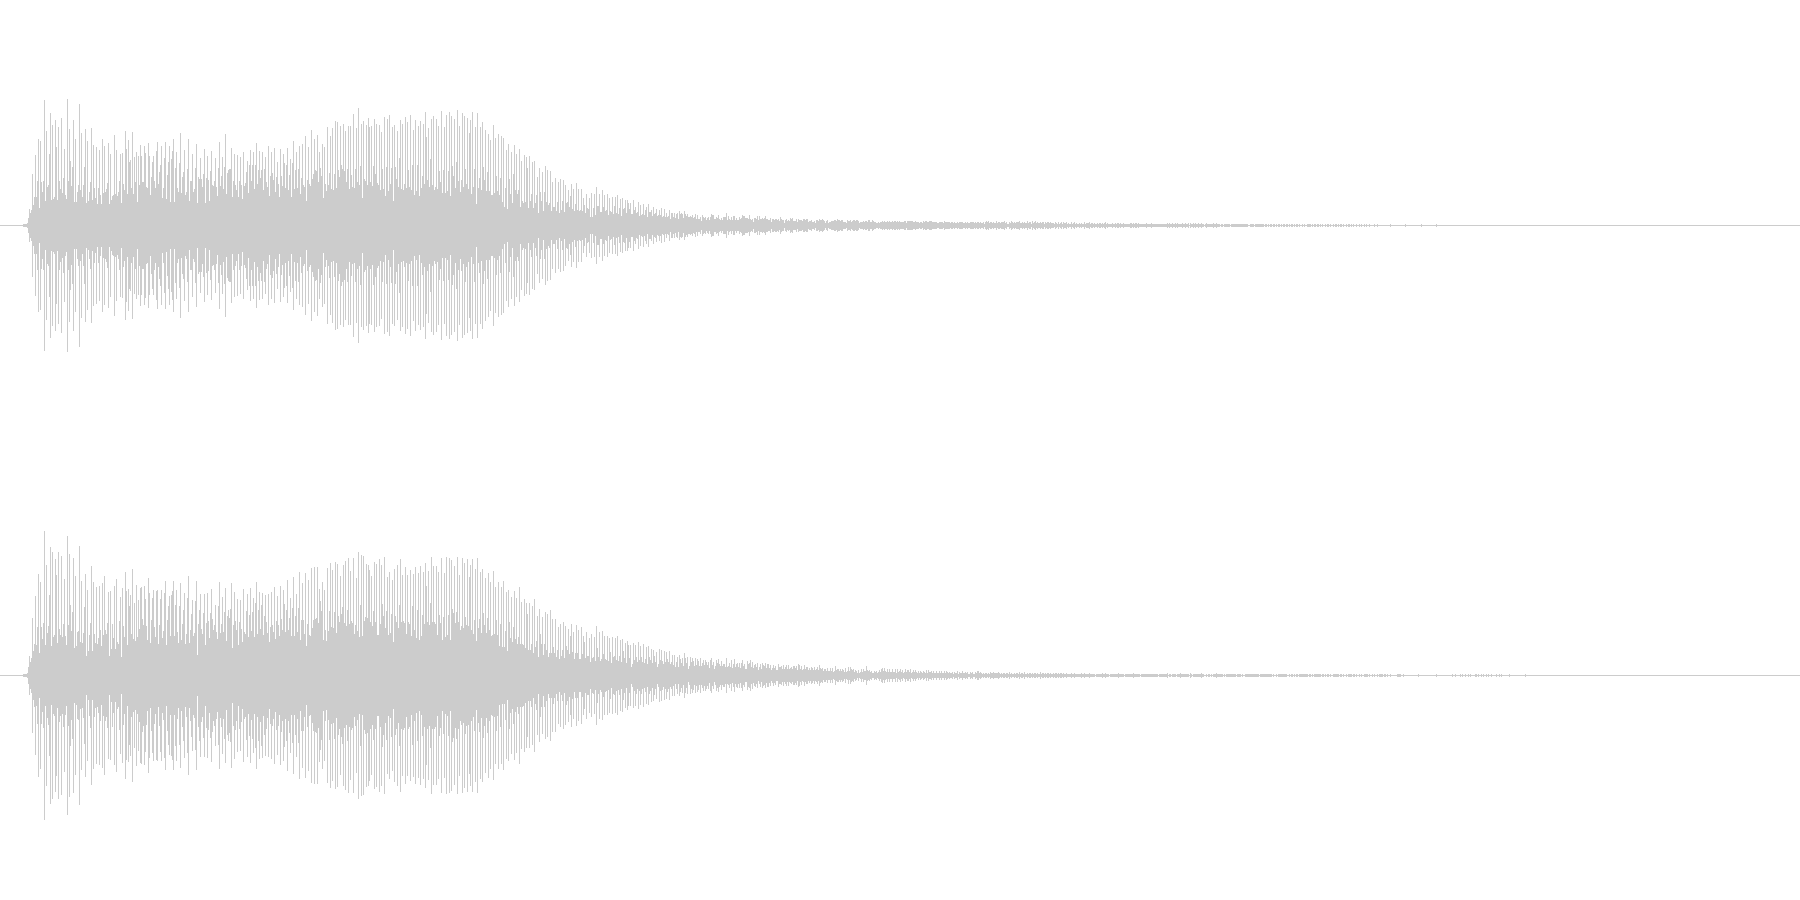 アプリ・ゲーム決定音_002の未再生の波形